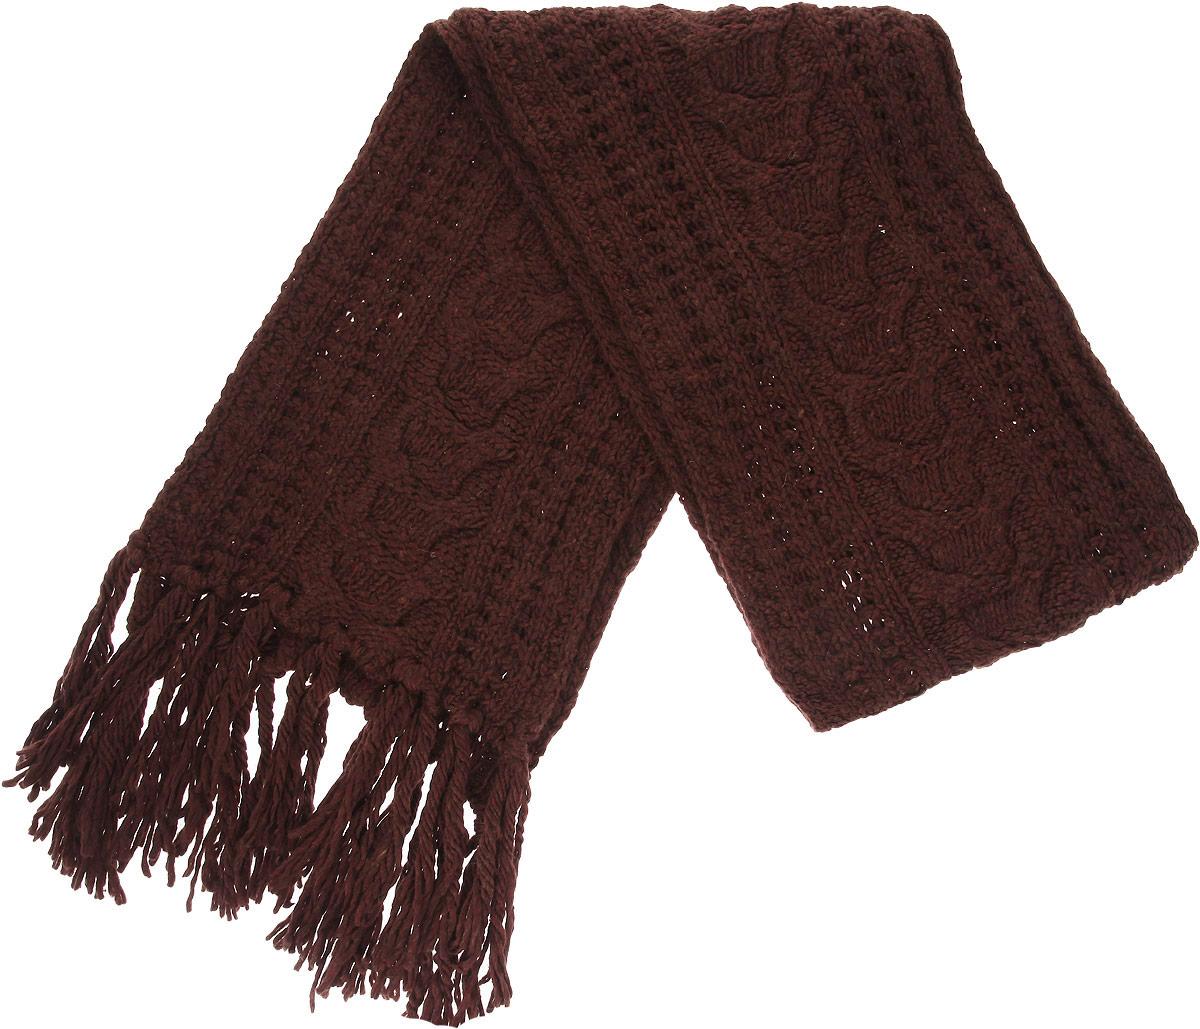 Шарф женский. 23004712300471-01Модный женский шарф Venera подарит вам уют и станет стильным аксессуаром, который призван подчеркнуть вашу индивидуальность и женственность. Шарф выполнен из высококачественной комбинированной пряжи, он невероятно мягкий и приятный на ощупь. Концы шарфа украшены длинными кисточками. Такой шарф надежно защитит вас от холода и ветра. Этот модный аксессуар гармонично дополнит образ современной женщины, следящей за своим имиджем и стремящейся всегда оставаться стильной и элегантной. Такой шарф украсит любой наряд и согреет вас в непогоду, с ним вы всегда будете выглядеть изысканно и оригинально.